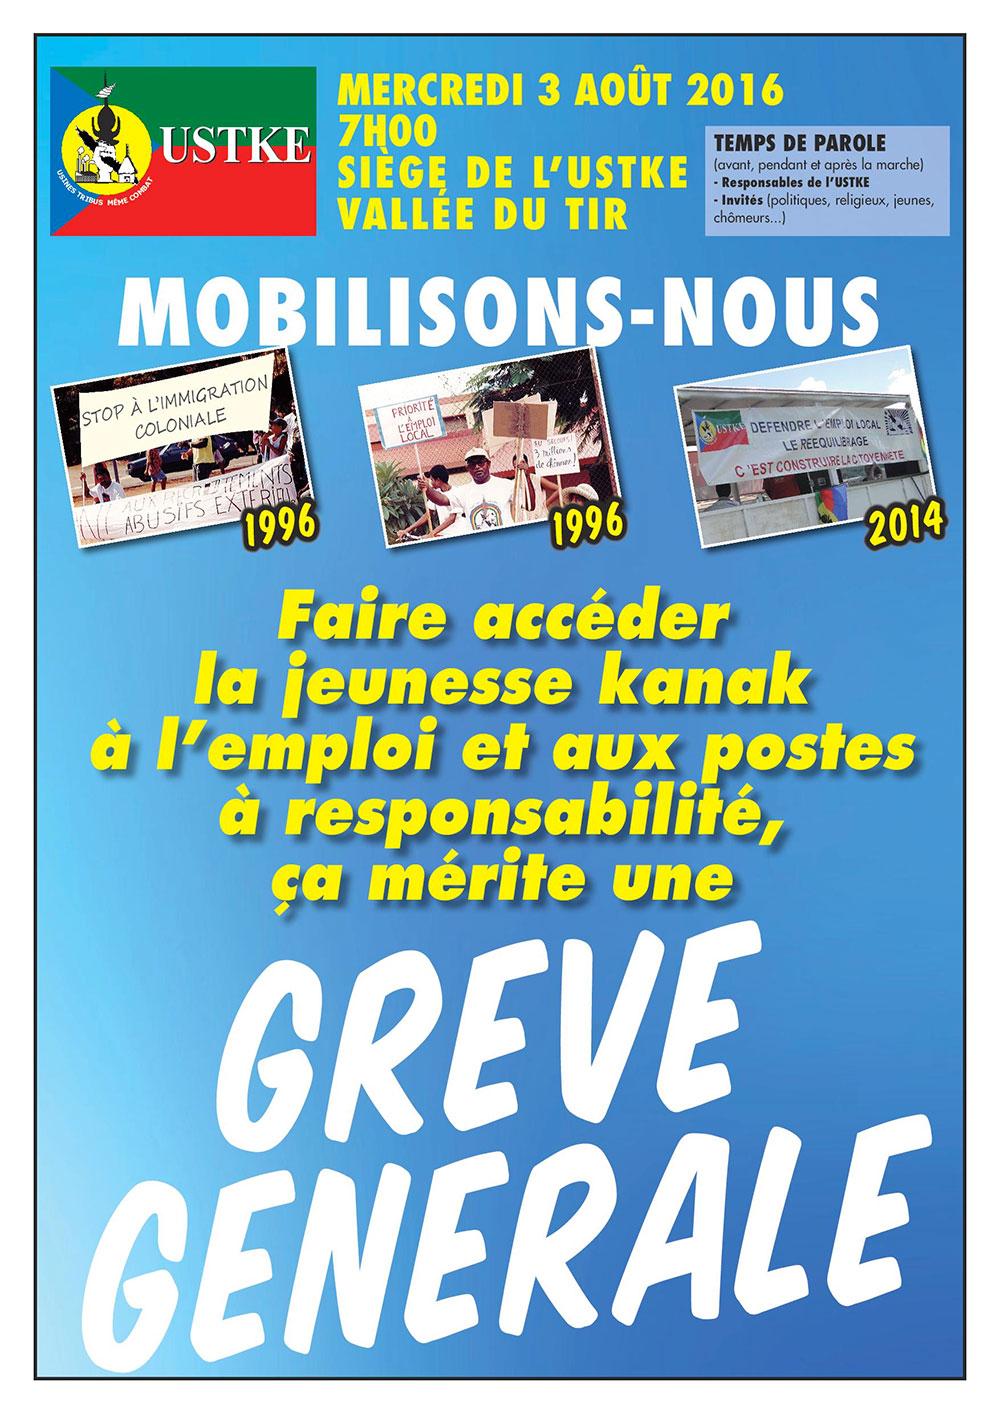 L'USTKE  appelle à la grève générale ce mercredi 3 aout 2016